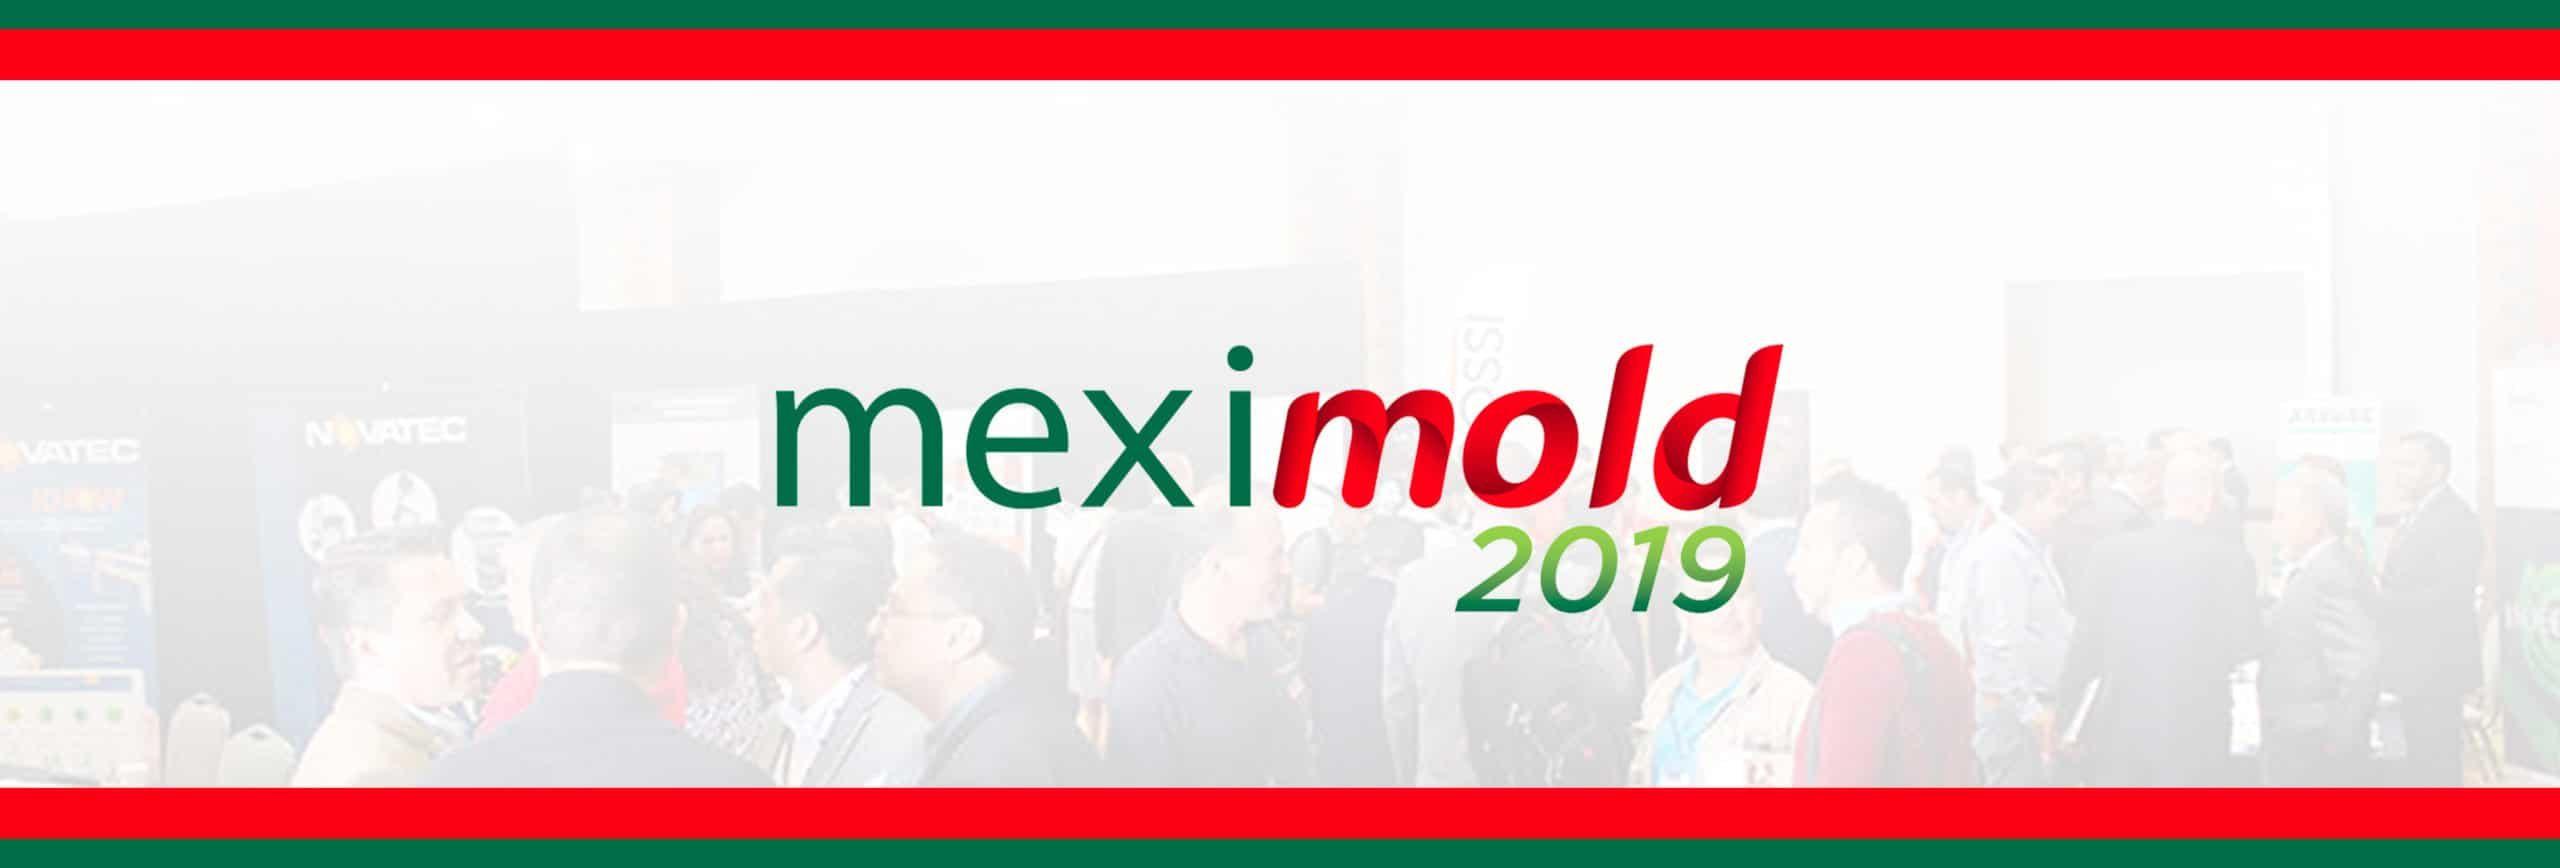 portada para blog sobre Meximold 2019 - PRIVARSA